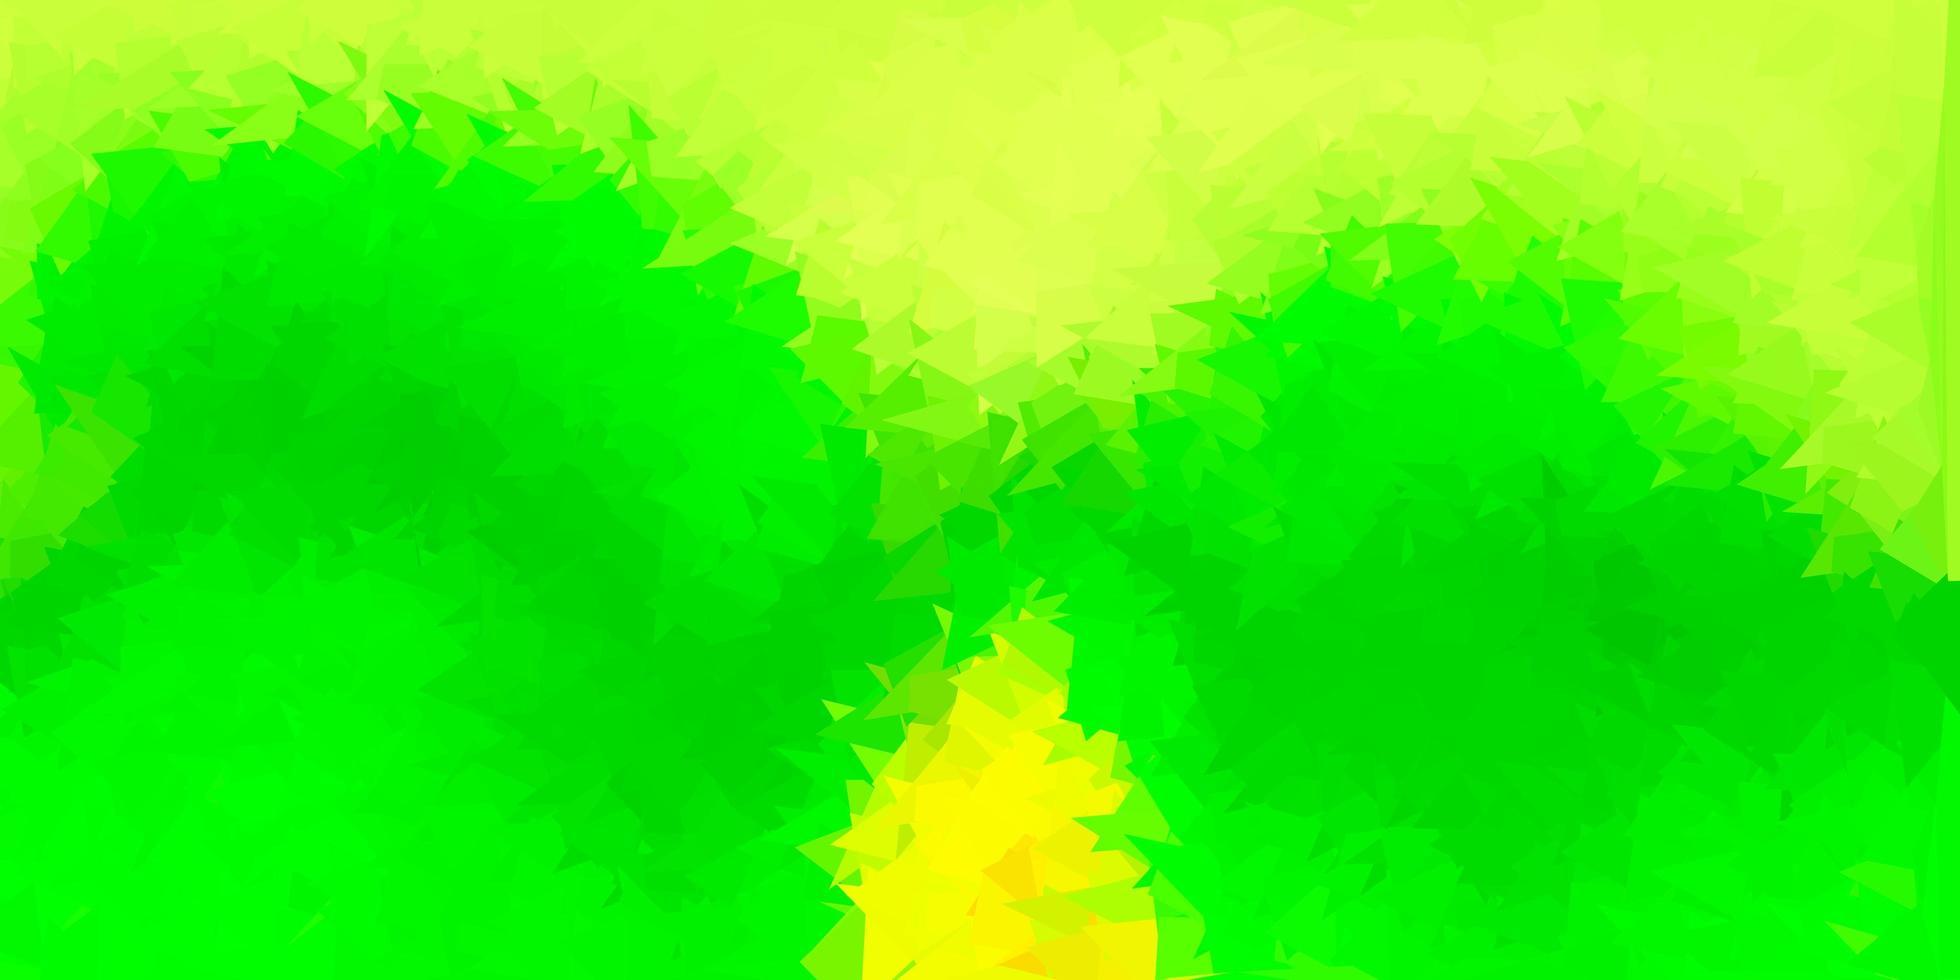 mörkgrön, gul triangelmosaikmönster. vektor